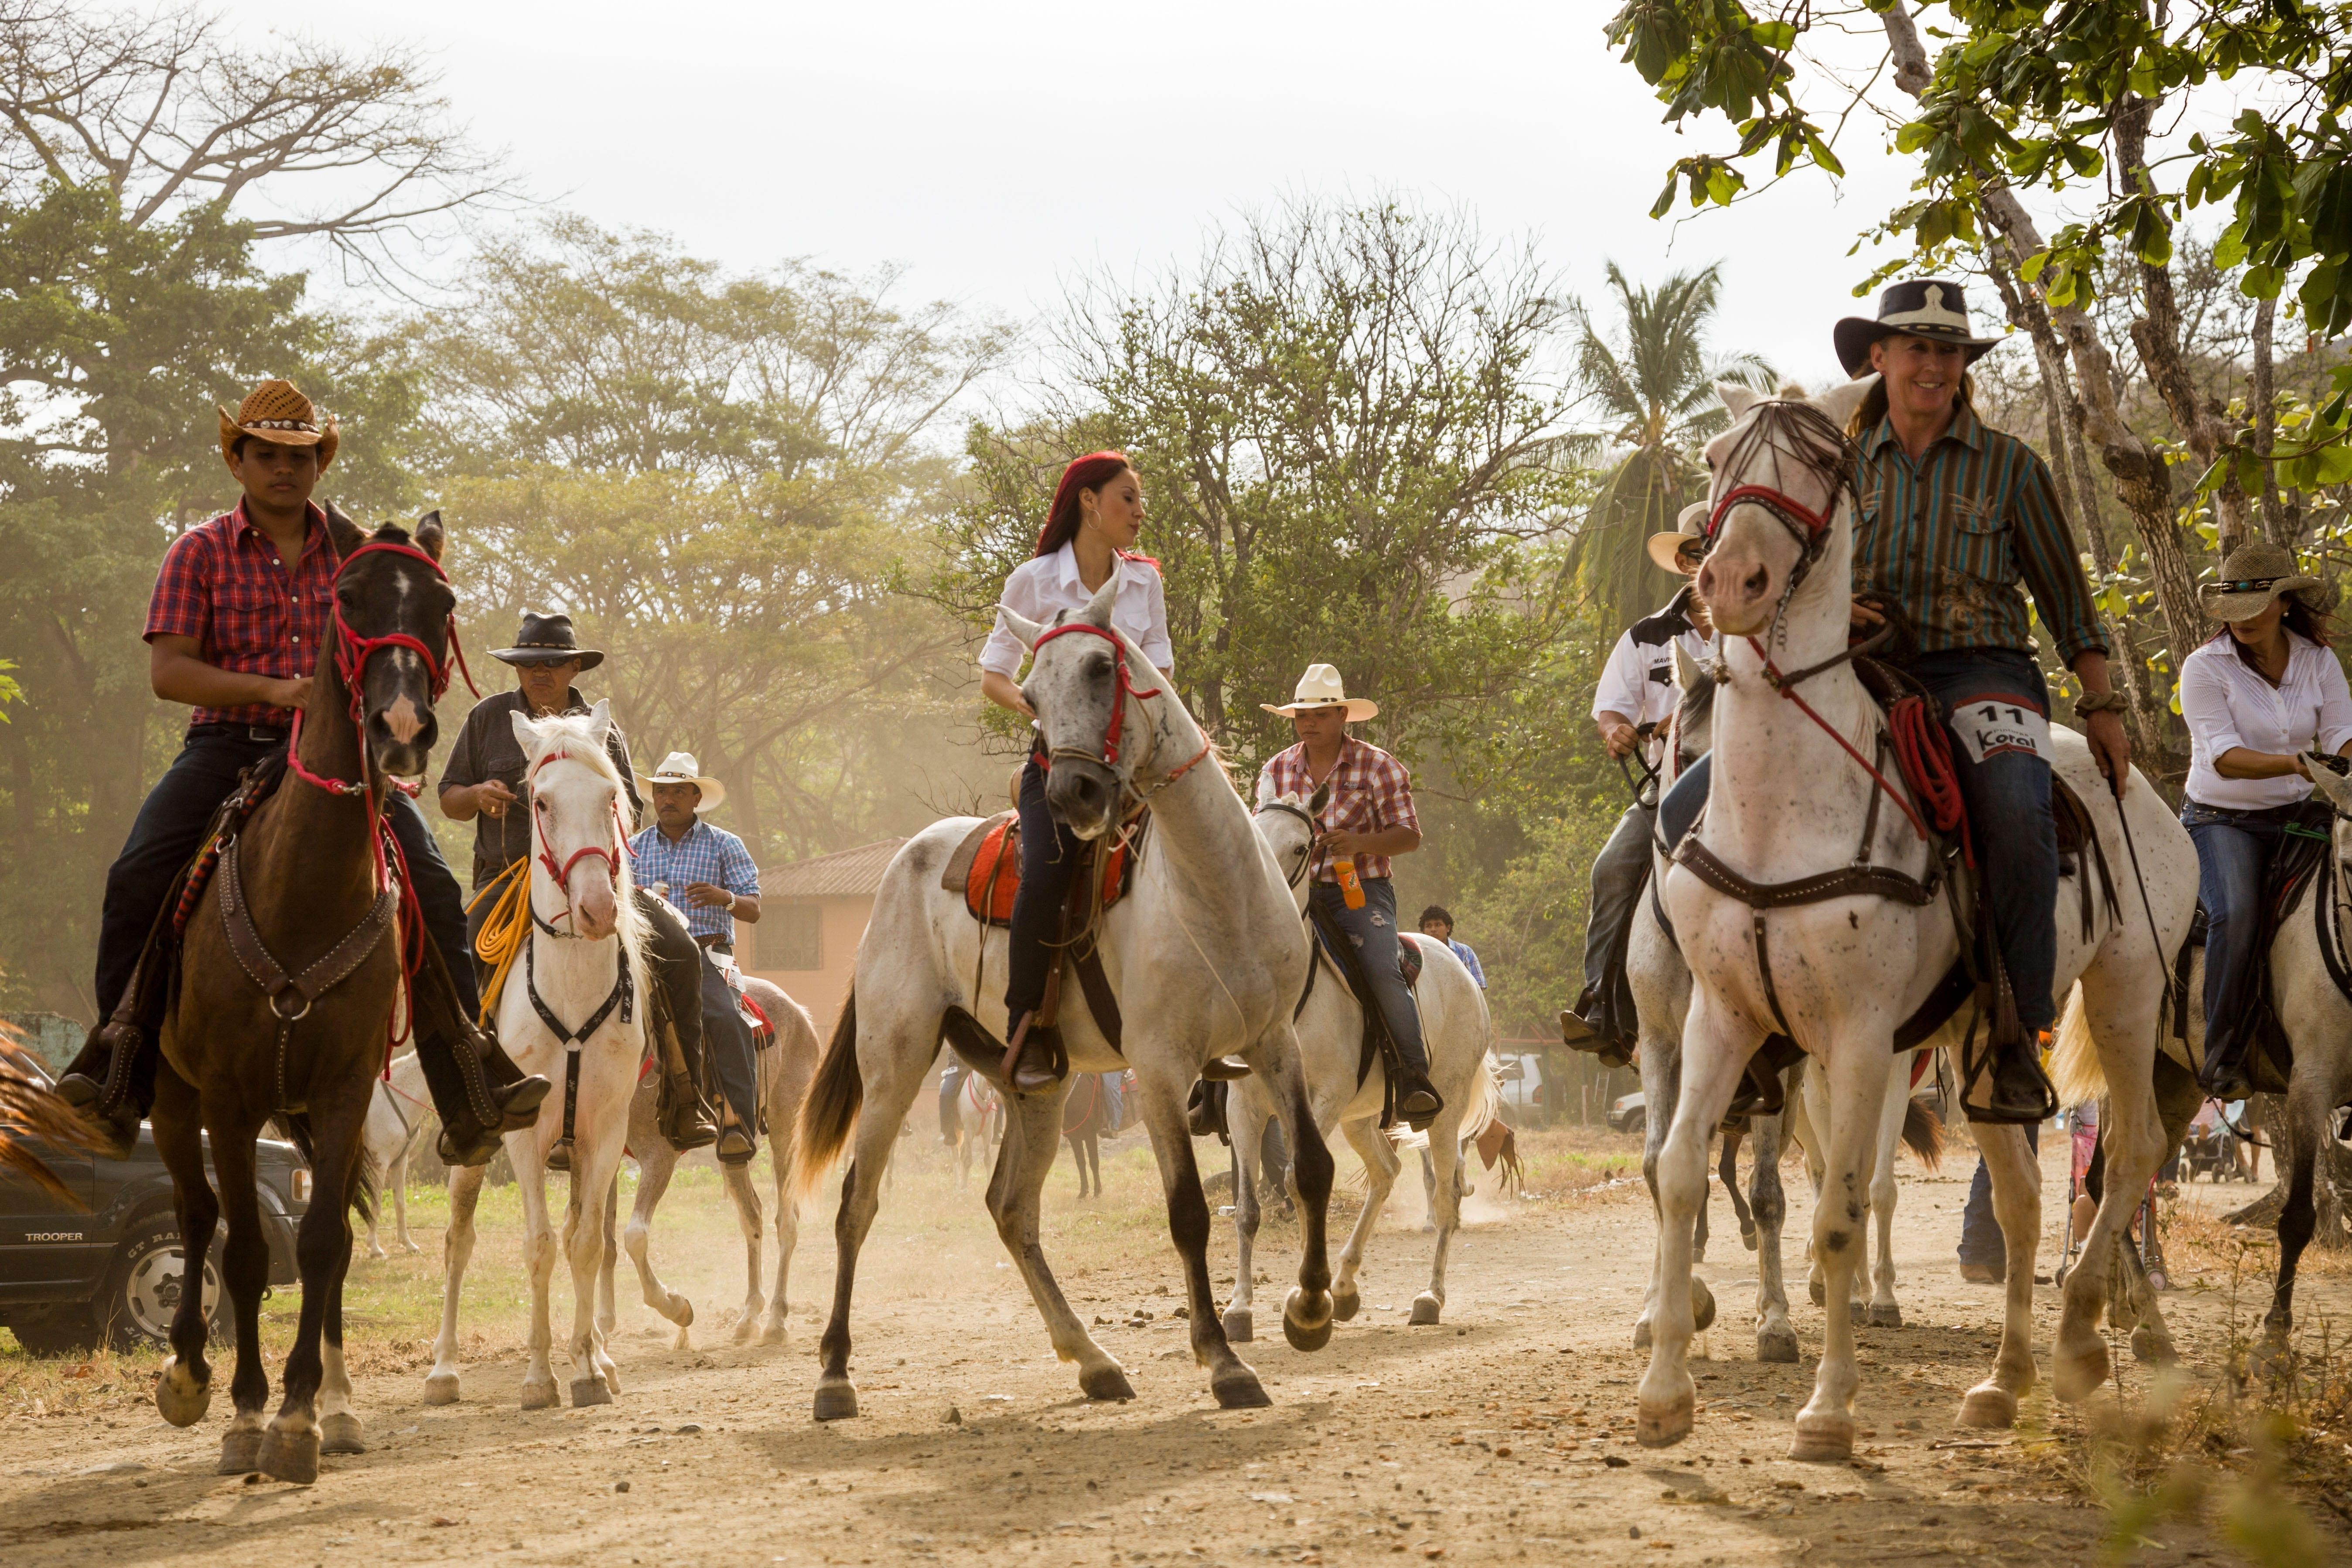 fiesta de palmares Costa Rica